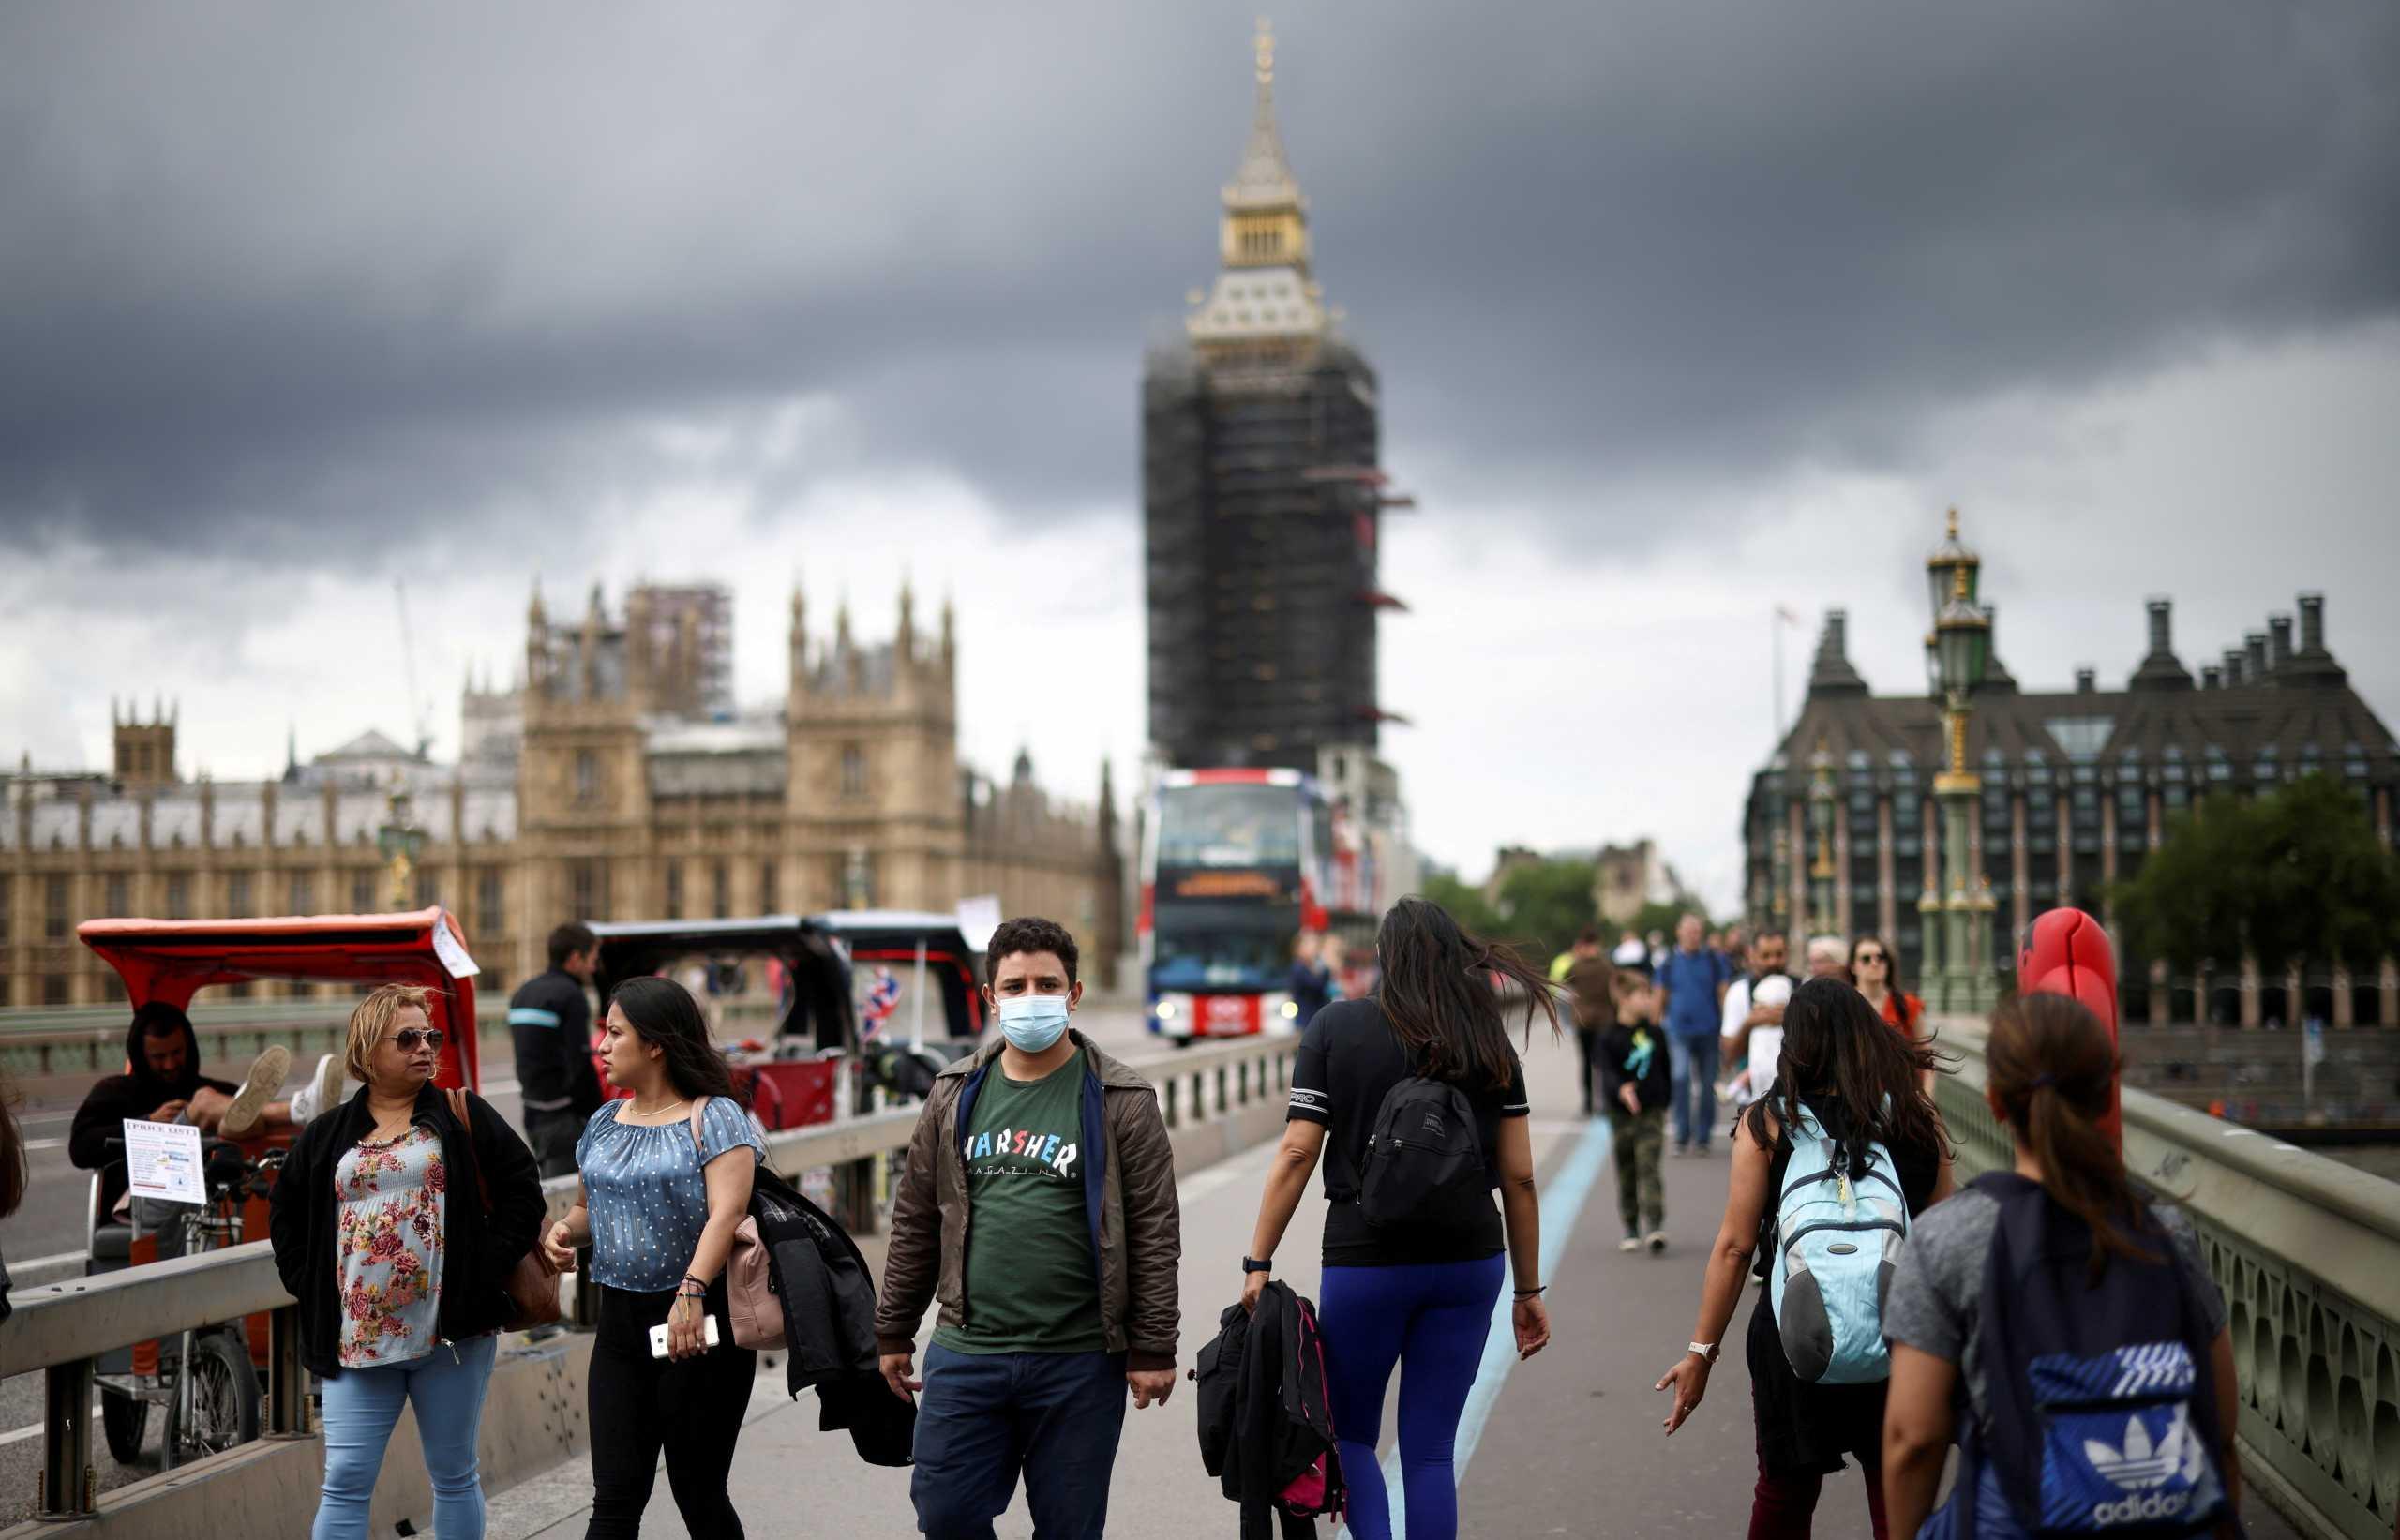 Βρετανία – κορονοϊός: 209 νεκροί το τελευταίο 24ωρο – Ο υψηλότερος αριθμός από τις αρχές Μαρτίου